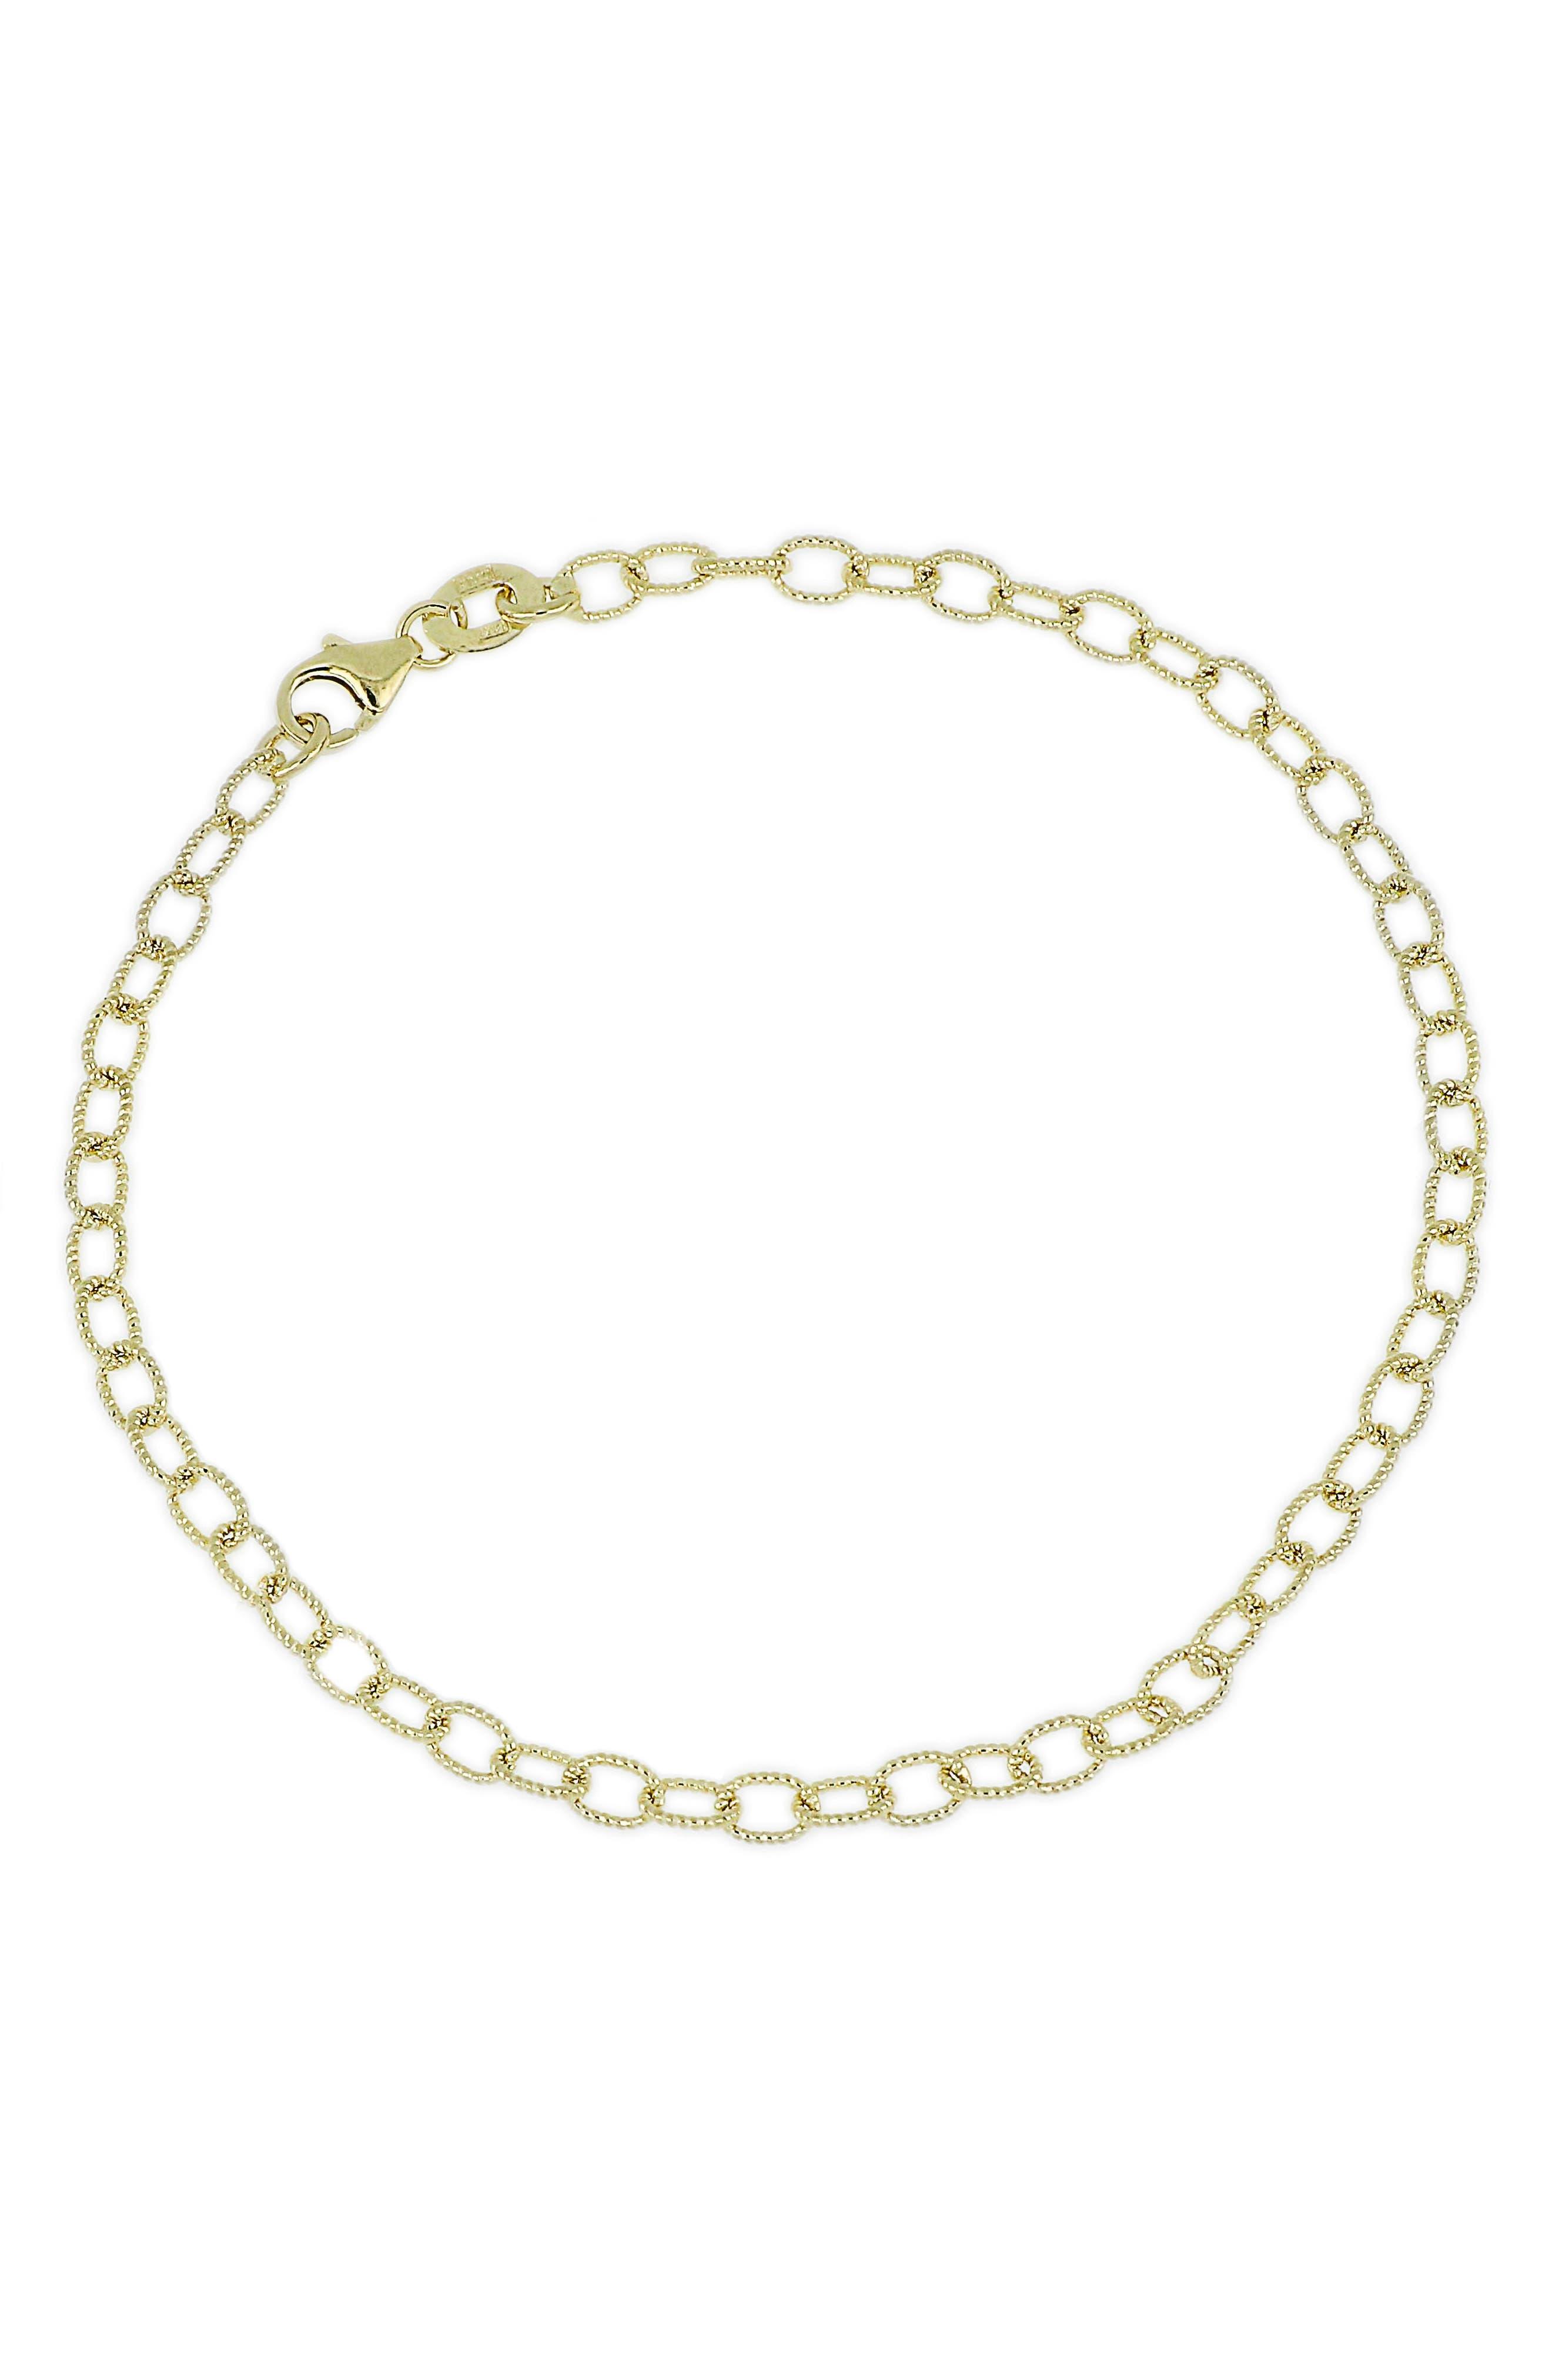 Bony Levy 14k Gold Link Charm Bracelet (Nordstrom Exclusive)